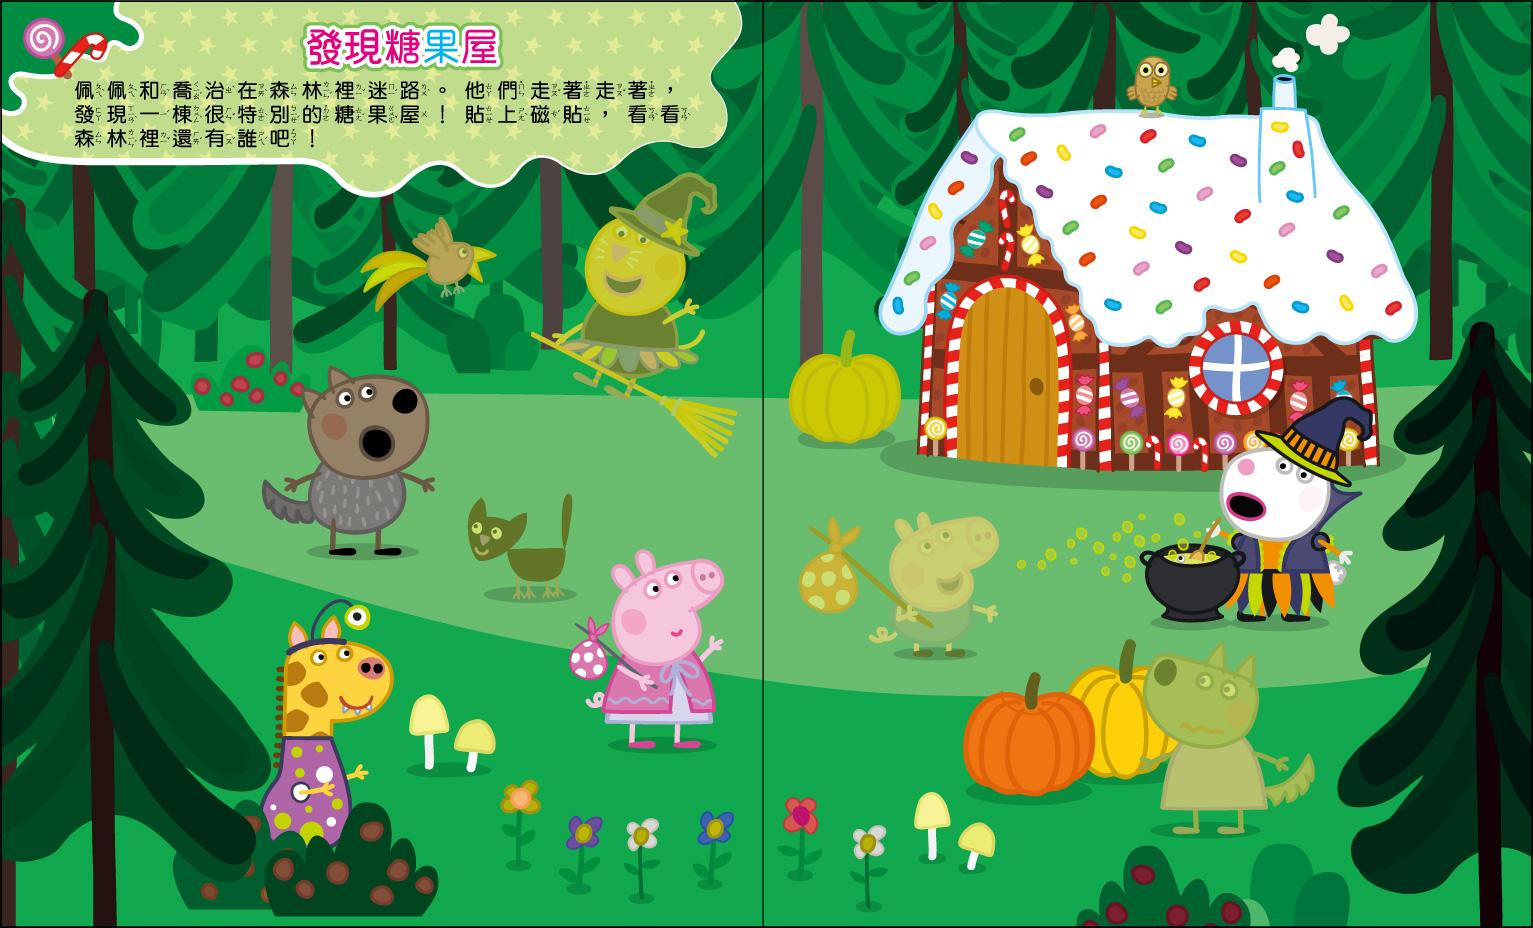 粉紅豬小妹磁貼遊樂【童話奇遇】(PG036G)